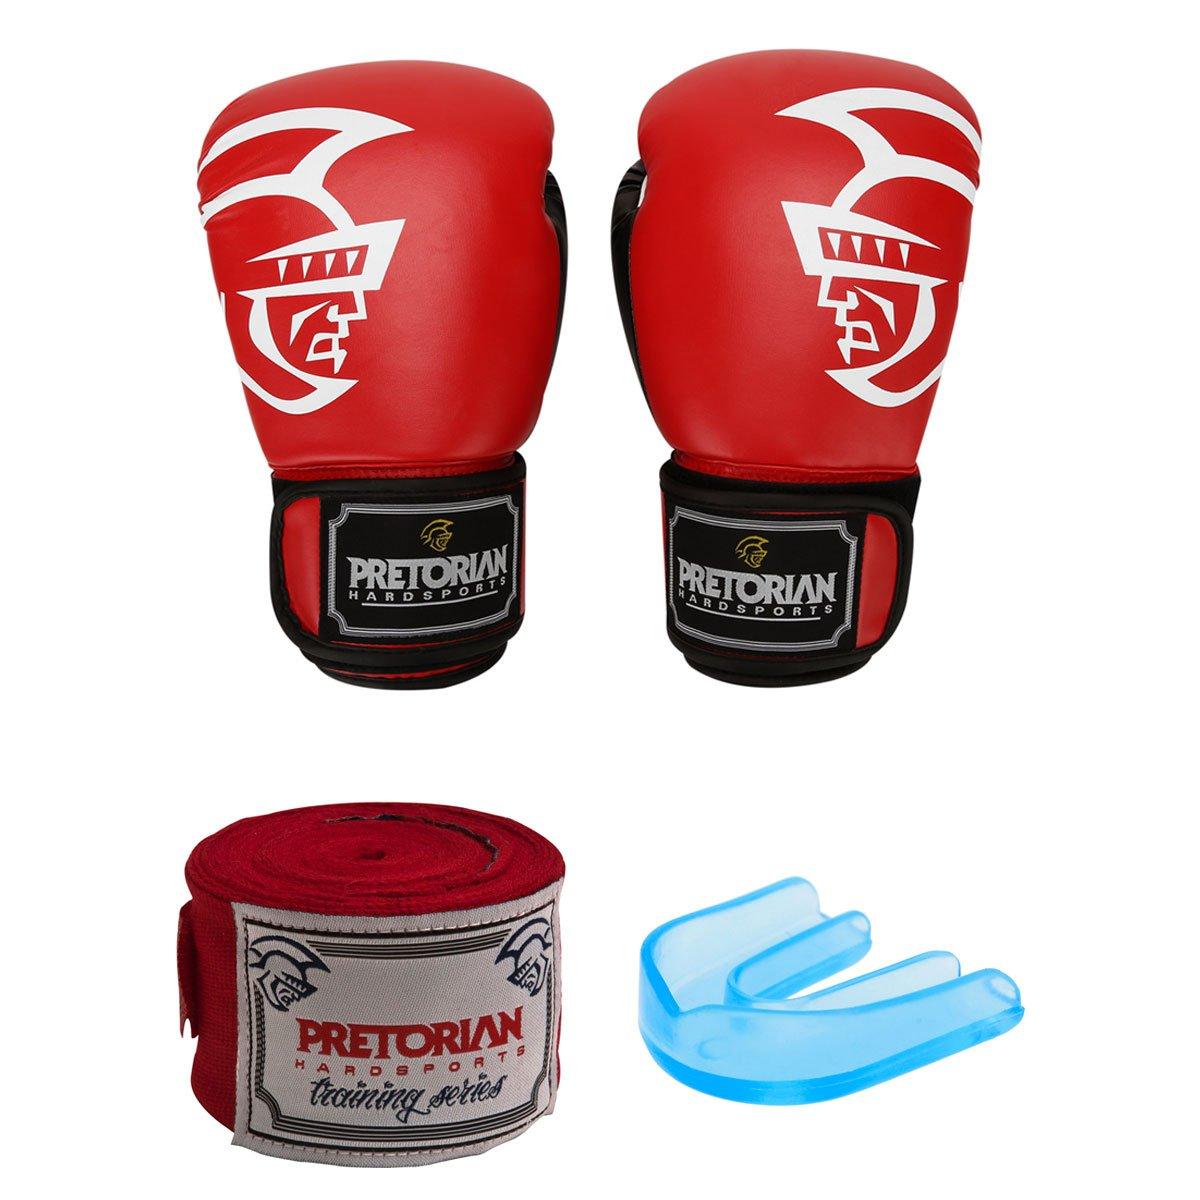 865540109 Kit Pretorian Luva de Boxe Muay Thai Trainning 16 oz + Bandagem Elástica 3m  + Protetor Bucal - Compre Agora